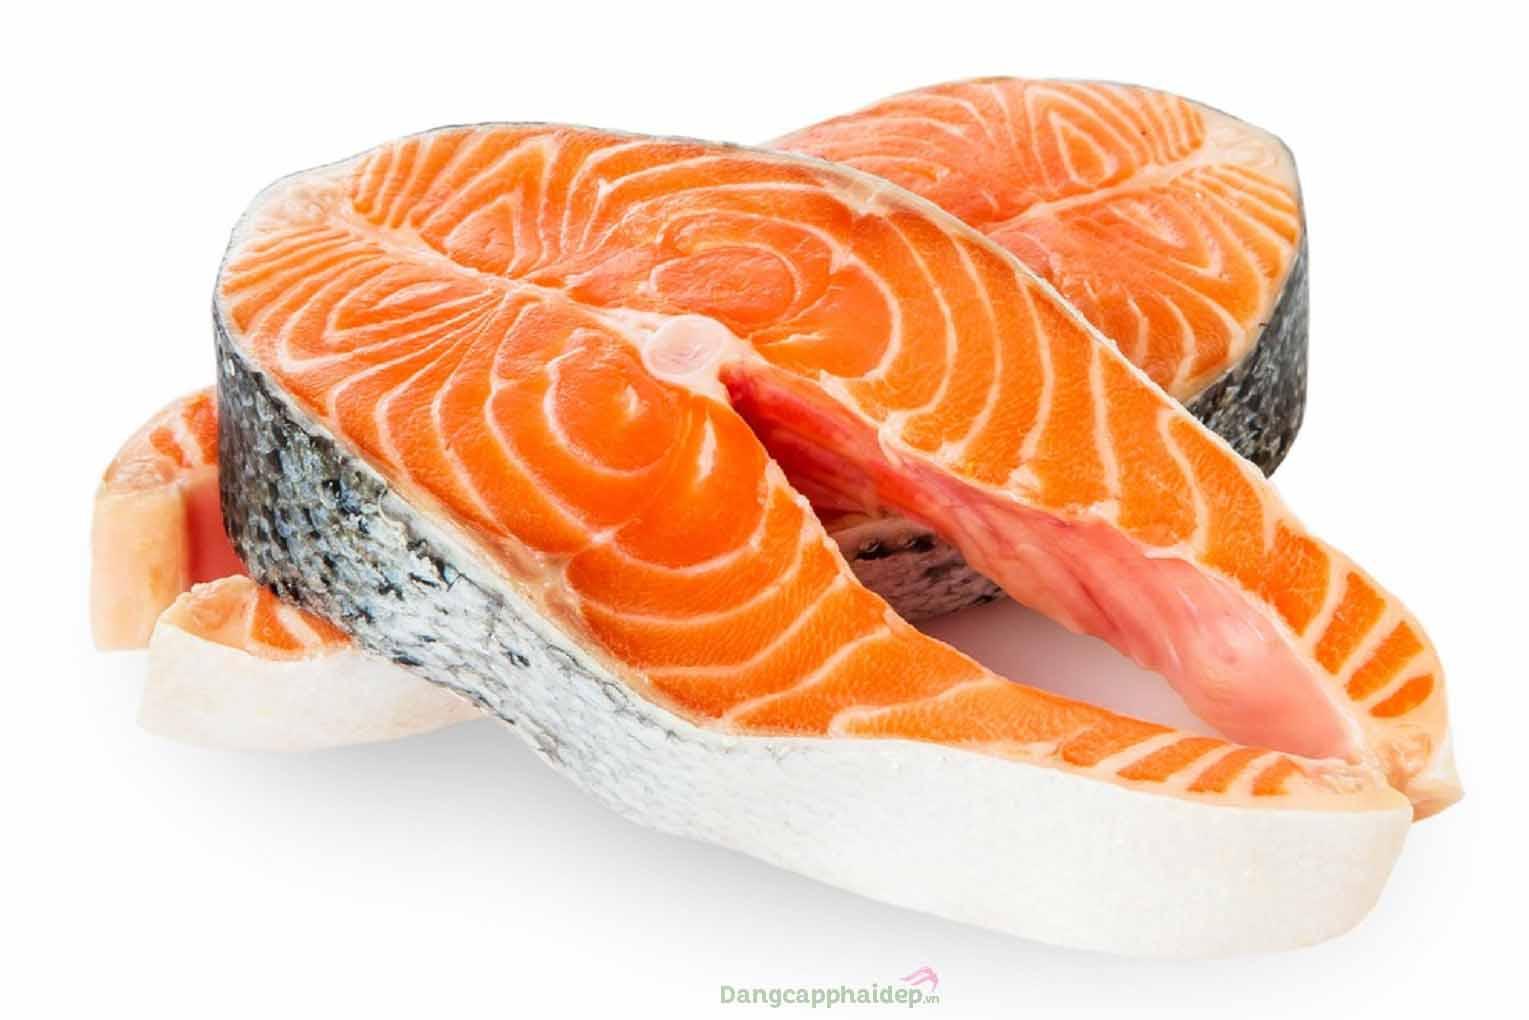 Cá hồi là thực phẩm dinh dưỡng dành cho cả gia đình bạn